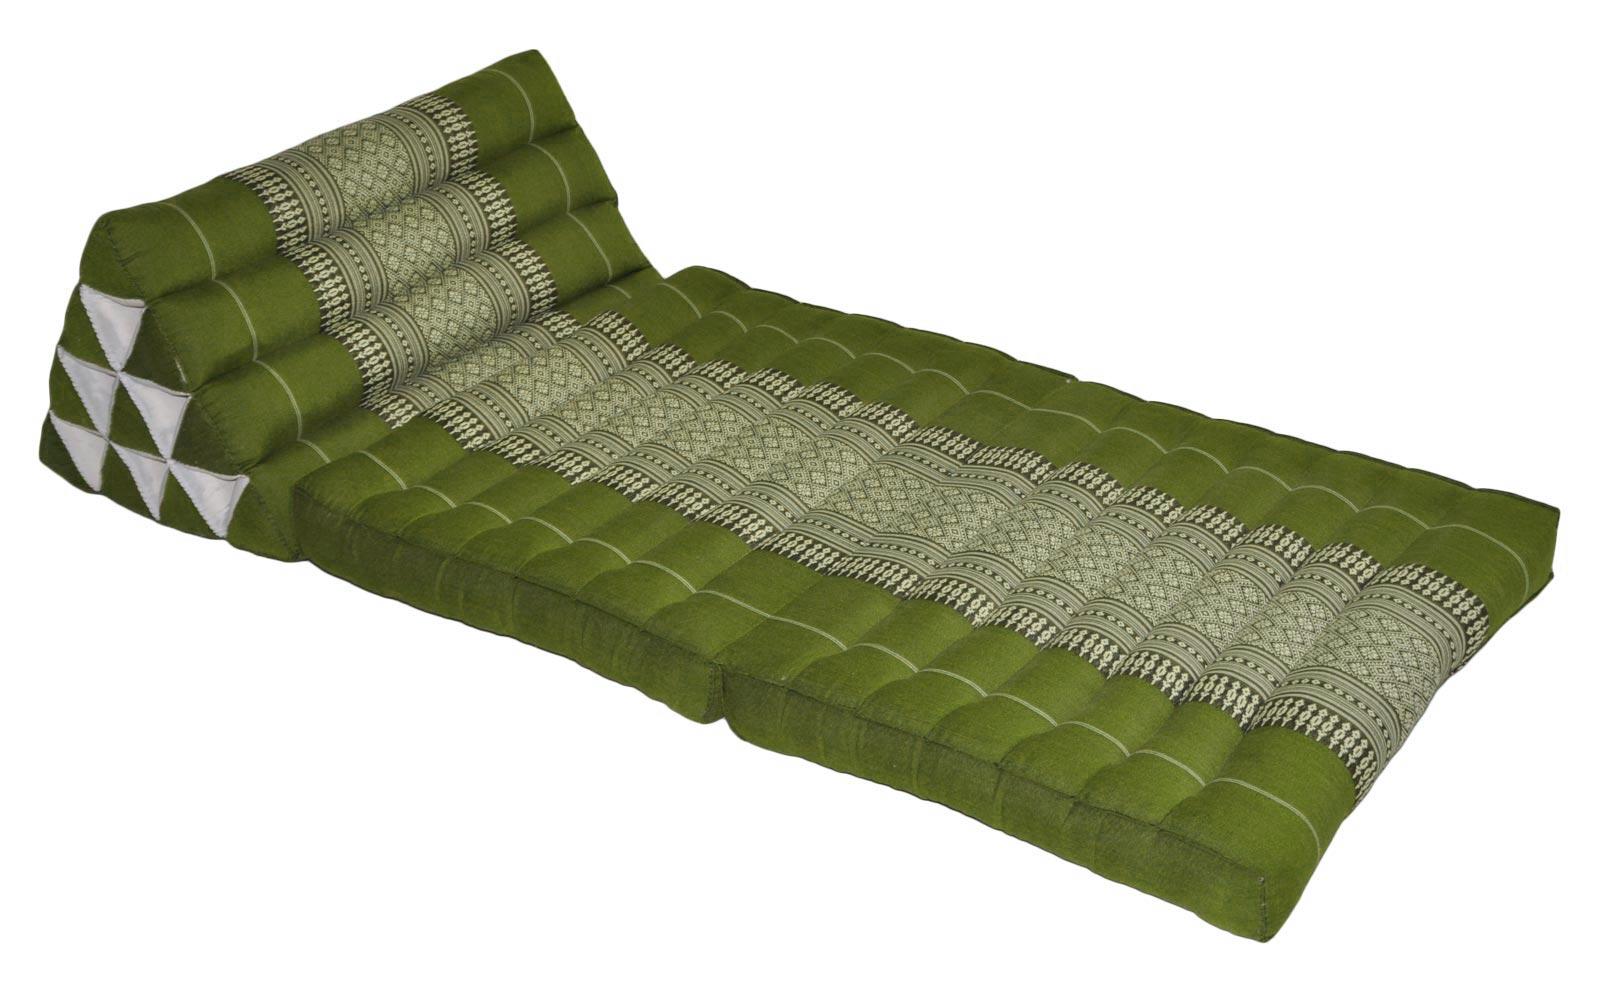 coussins thailandais matelas tapis canape meditation With tapis de couloir avec canape tissu xxl